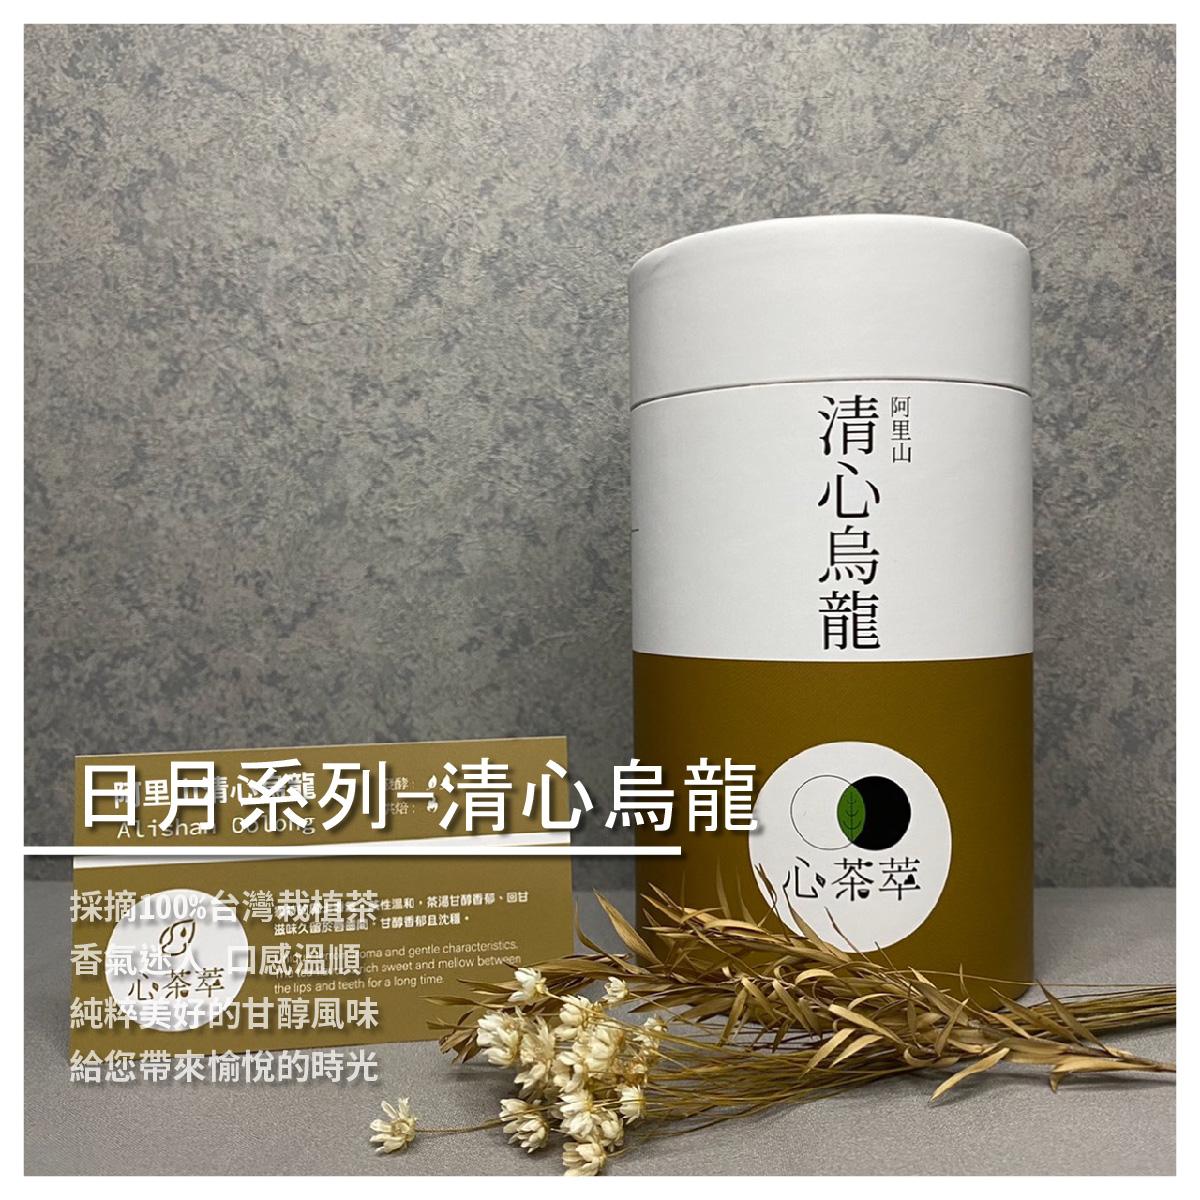 【心茶萃】日月系列-阿里山 清心烏龍 150g/ 罐